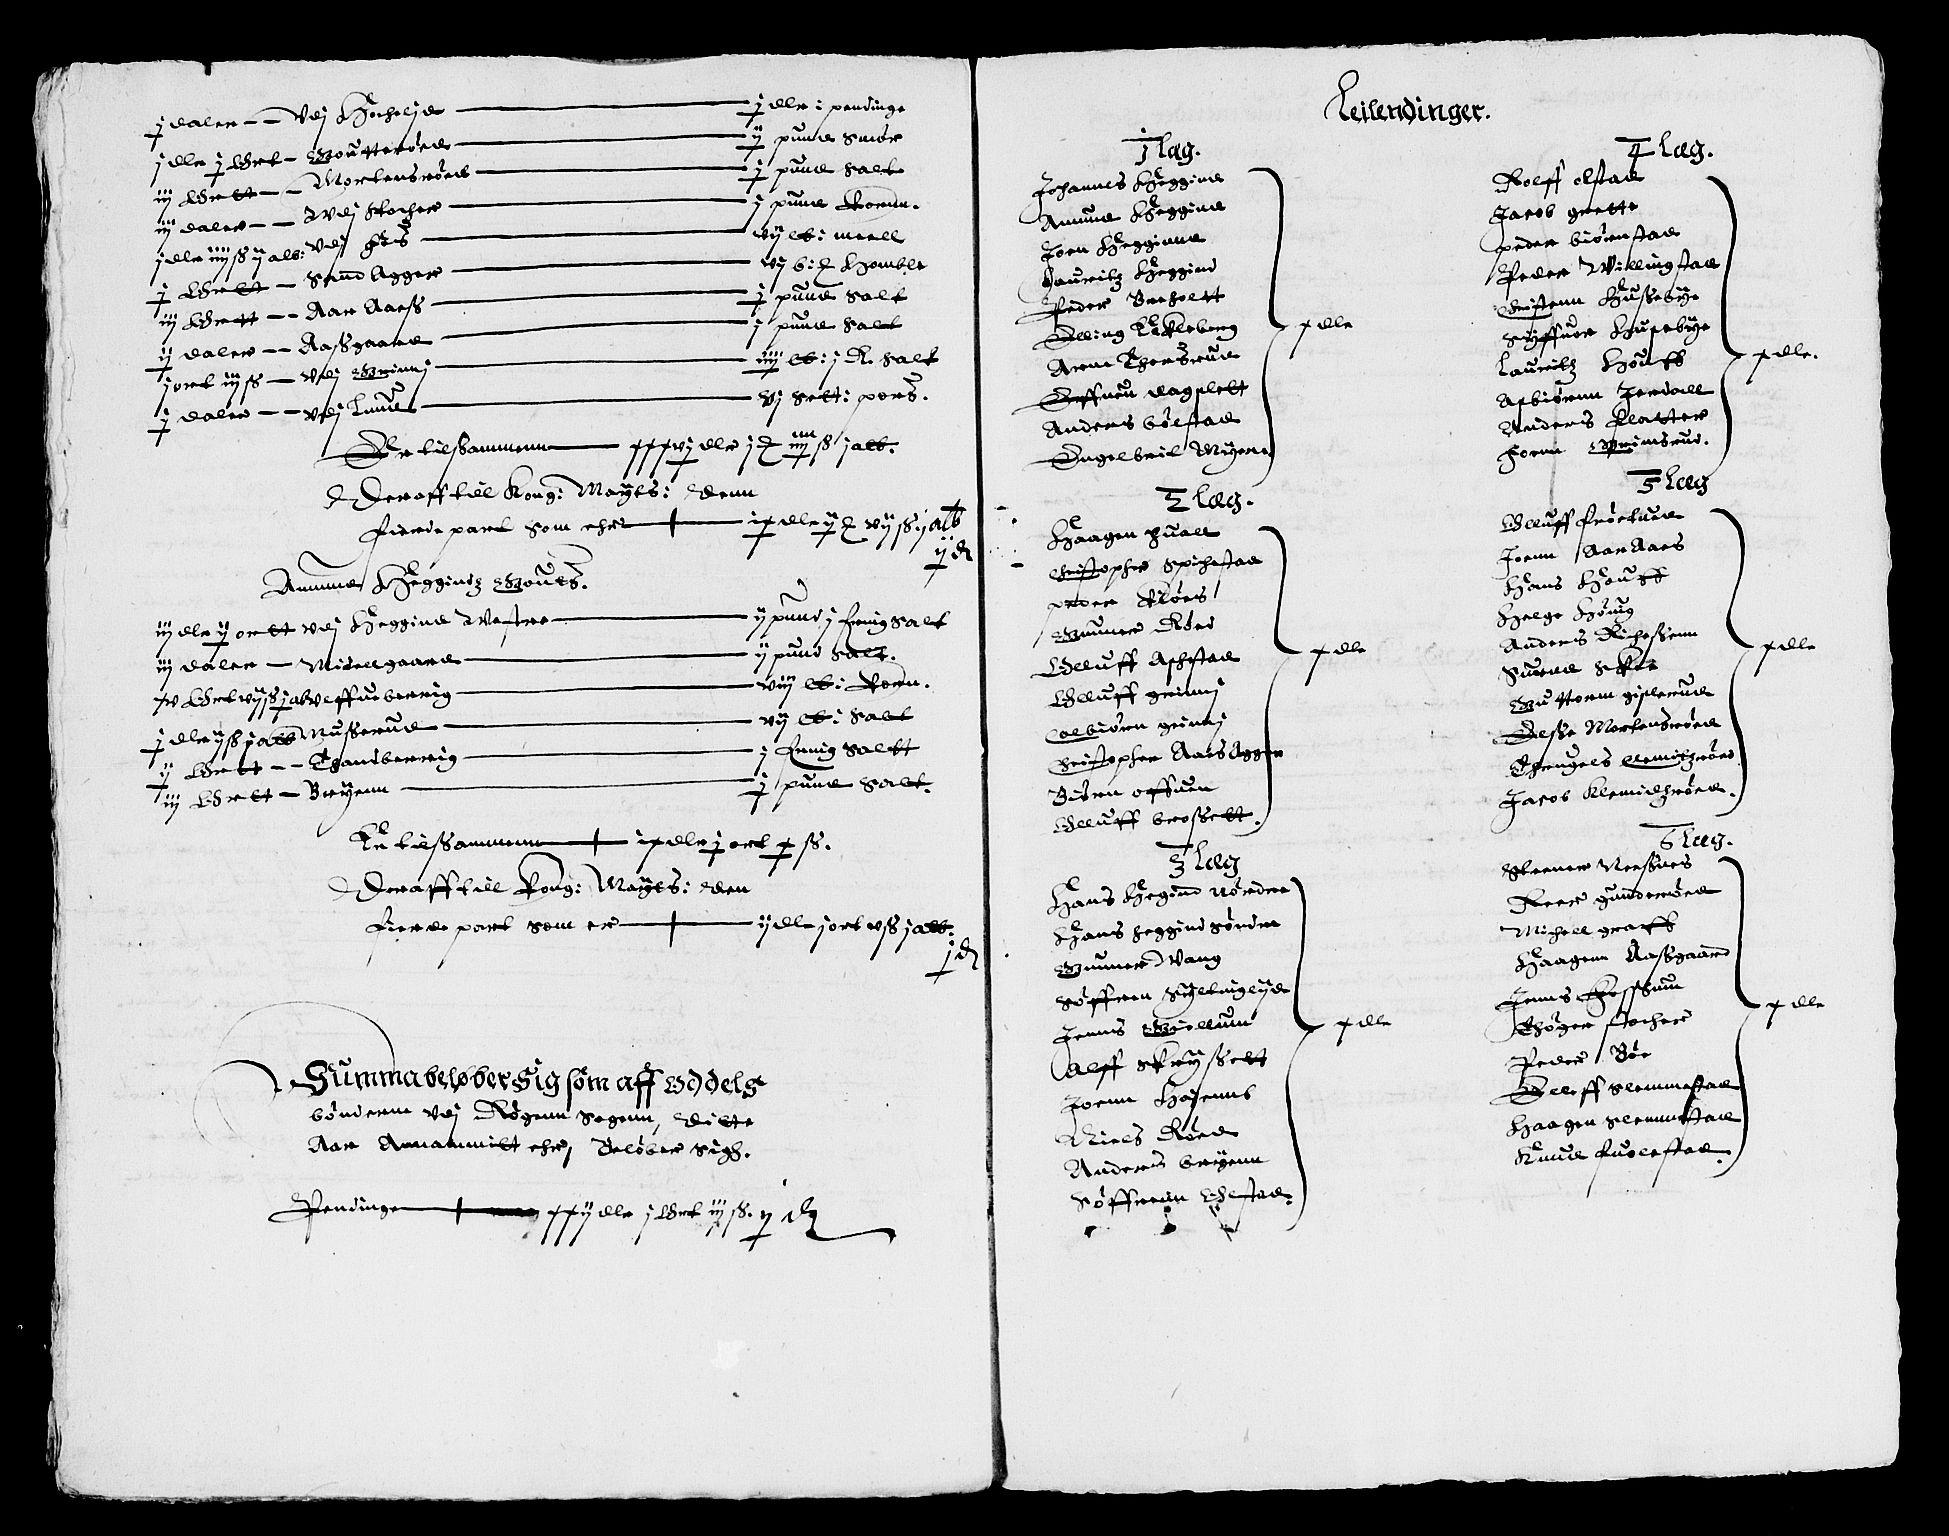 RA, Rentekammeret inntil 1814, Reviderte regnskaper, Lensregnskaper, R/Rb/Rba/L0084: Akershus len, 1628